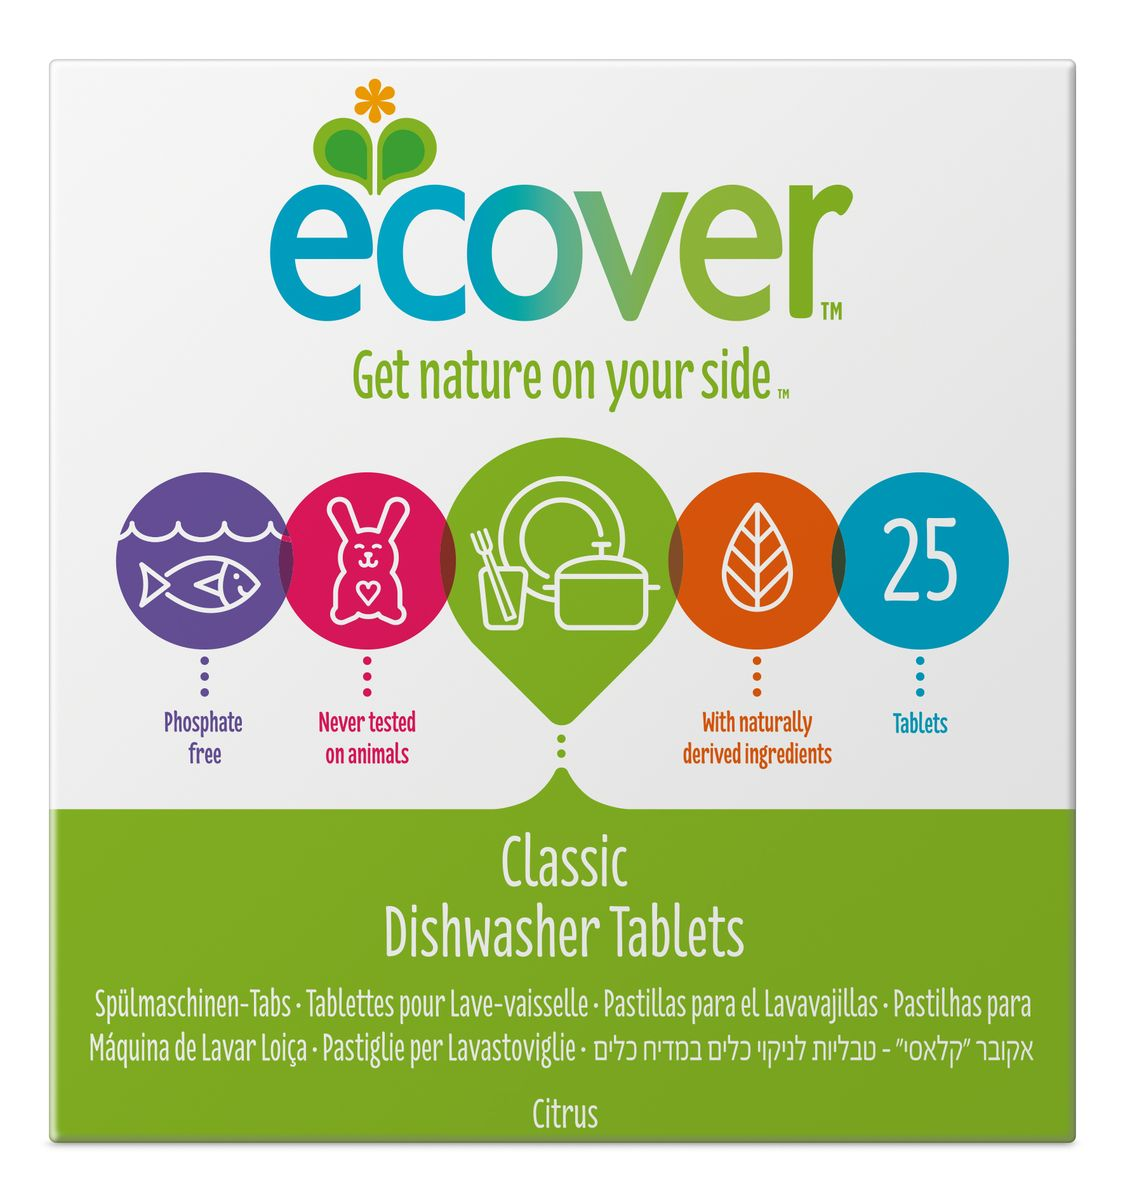 Экологические таблетки для посудомоечной машины Ecover, 25 шт391602Эффективное и экологически чистое средство Ecover для автоматического мытья посуды. Прекрасно удаляет загрязнения и жиры, оставляя посуду чистой и придавая ей блеск, не оставляя после себя никаких следов. Предотвращает образование известковых отложений на посуде и нагревательных элементах посудомоечной машины за счет использования быстроразлагаемых полипептидов. Каждая таблетка имеет индивидуальную упаковку. Не содержит синтетических ароматизаторов и хлора! Содержит энзимы (не ГМО). Обладает легким натуральным ароматом лимона. Подходит для использования в домах с автономной канализацией. Не наносит вреда любым видам септиков! Характеристики:Состав: 15-30% кислородный отбеливатель, цеолиты; Количество таблеток в упаковке: 25 шт. Вес: 500 г. Товар сертифицирован. Уважаемые клиенты!Обращаем ваше внимание на измененный дизайн упаковки. Комплектация осталась безизменений.